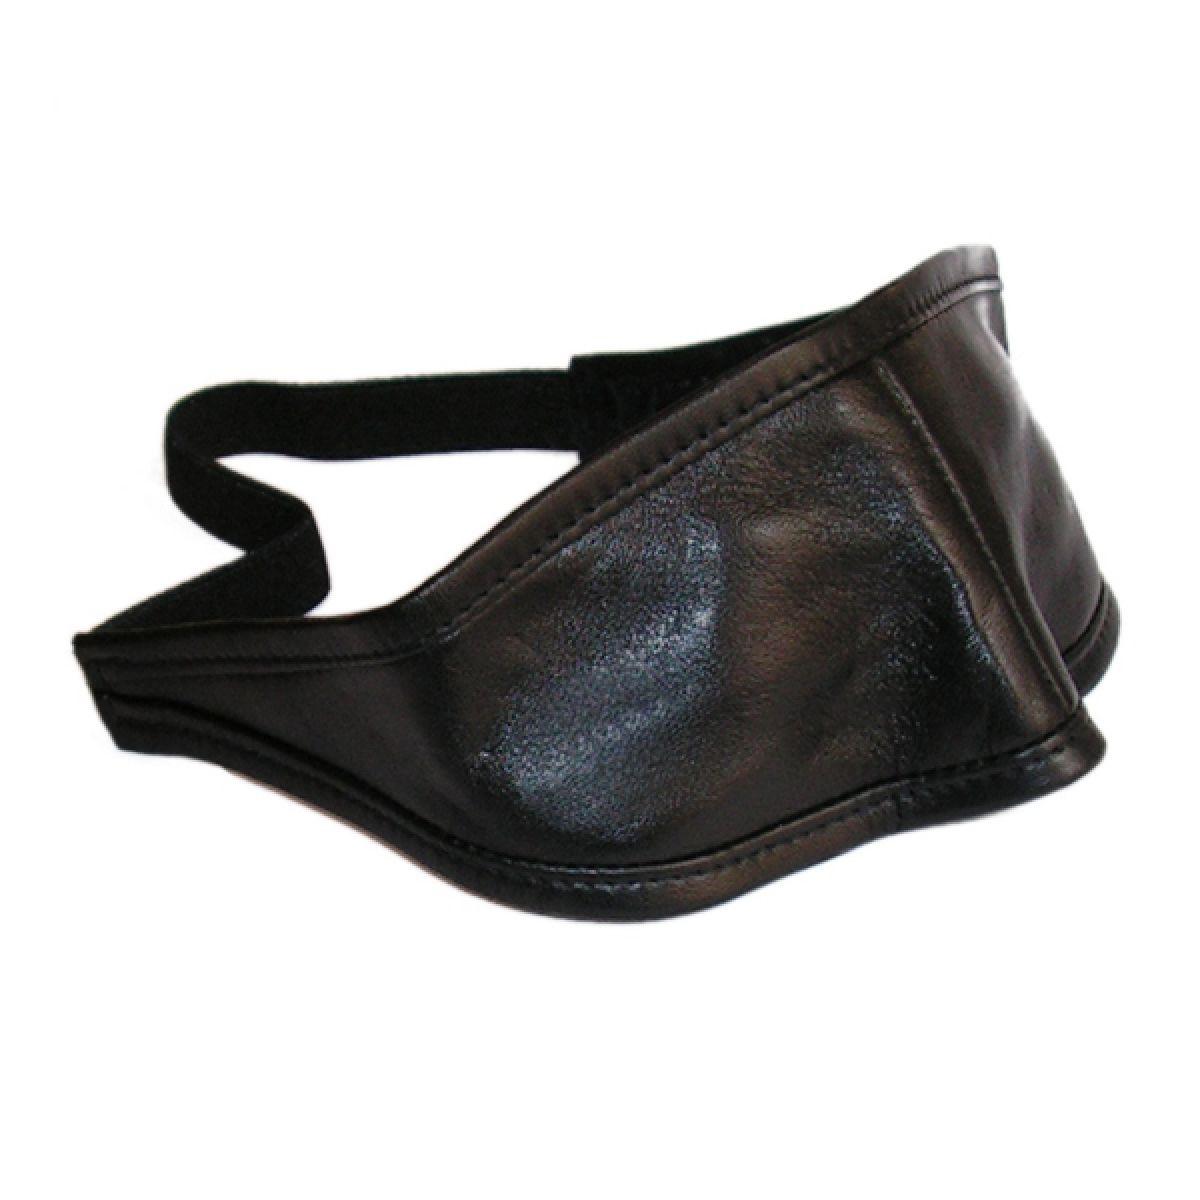 Læder blindfold